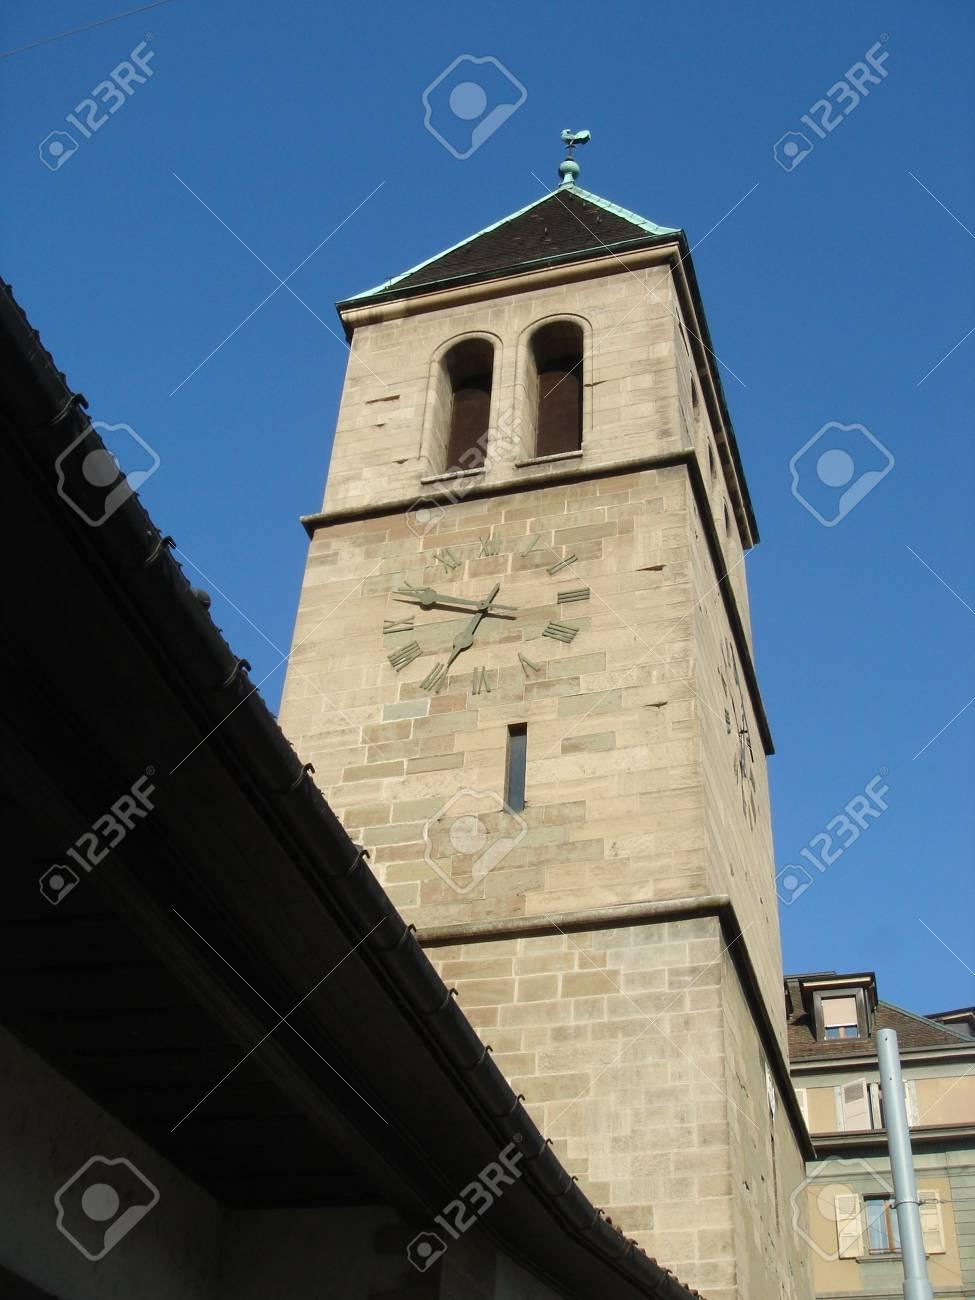 bell tower of chritian small church - 5112171